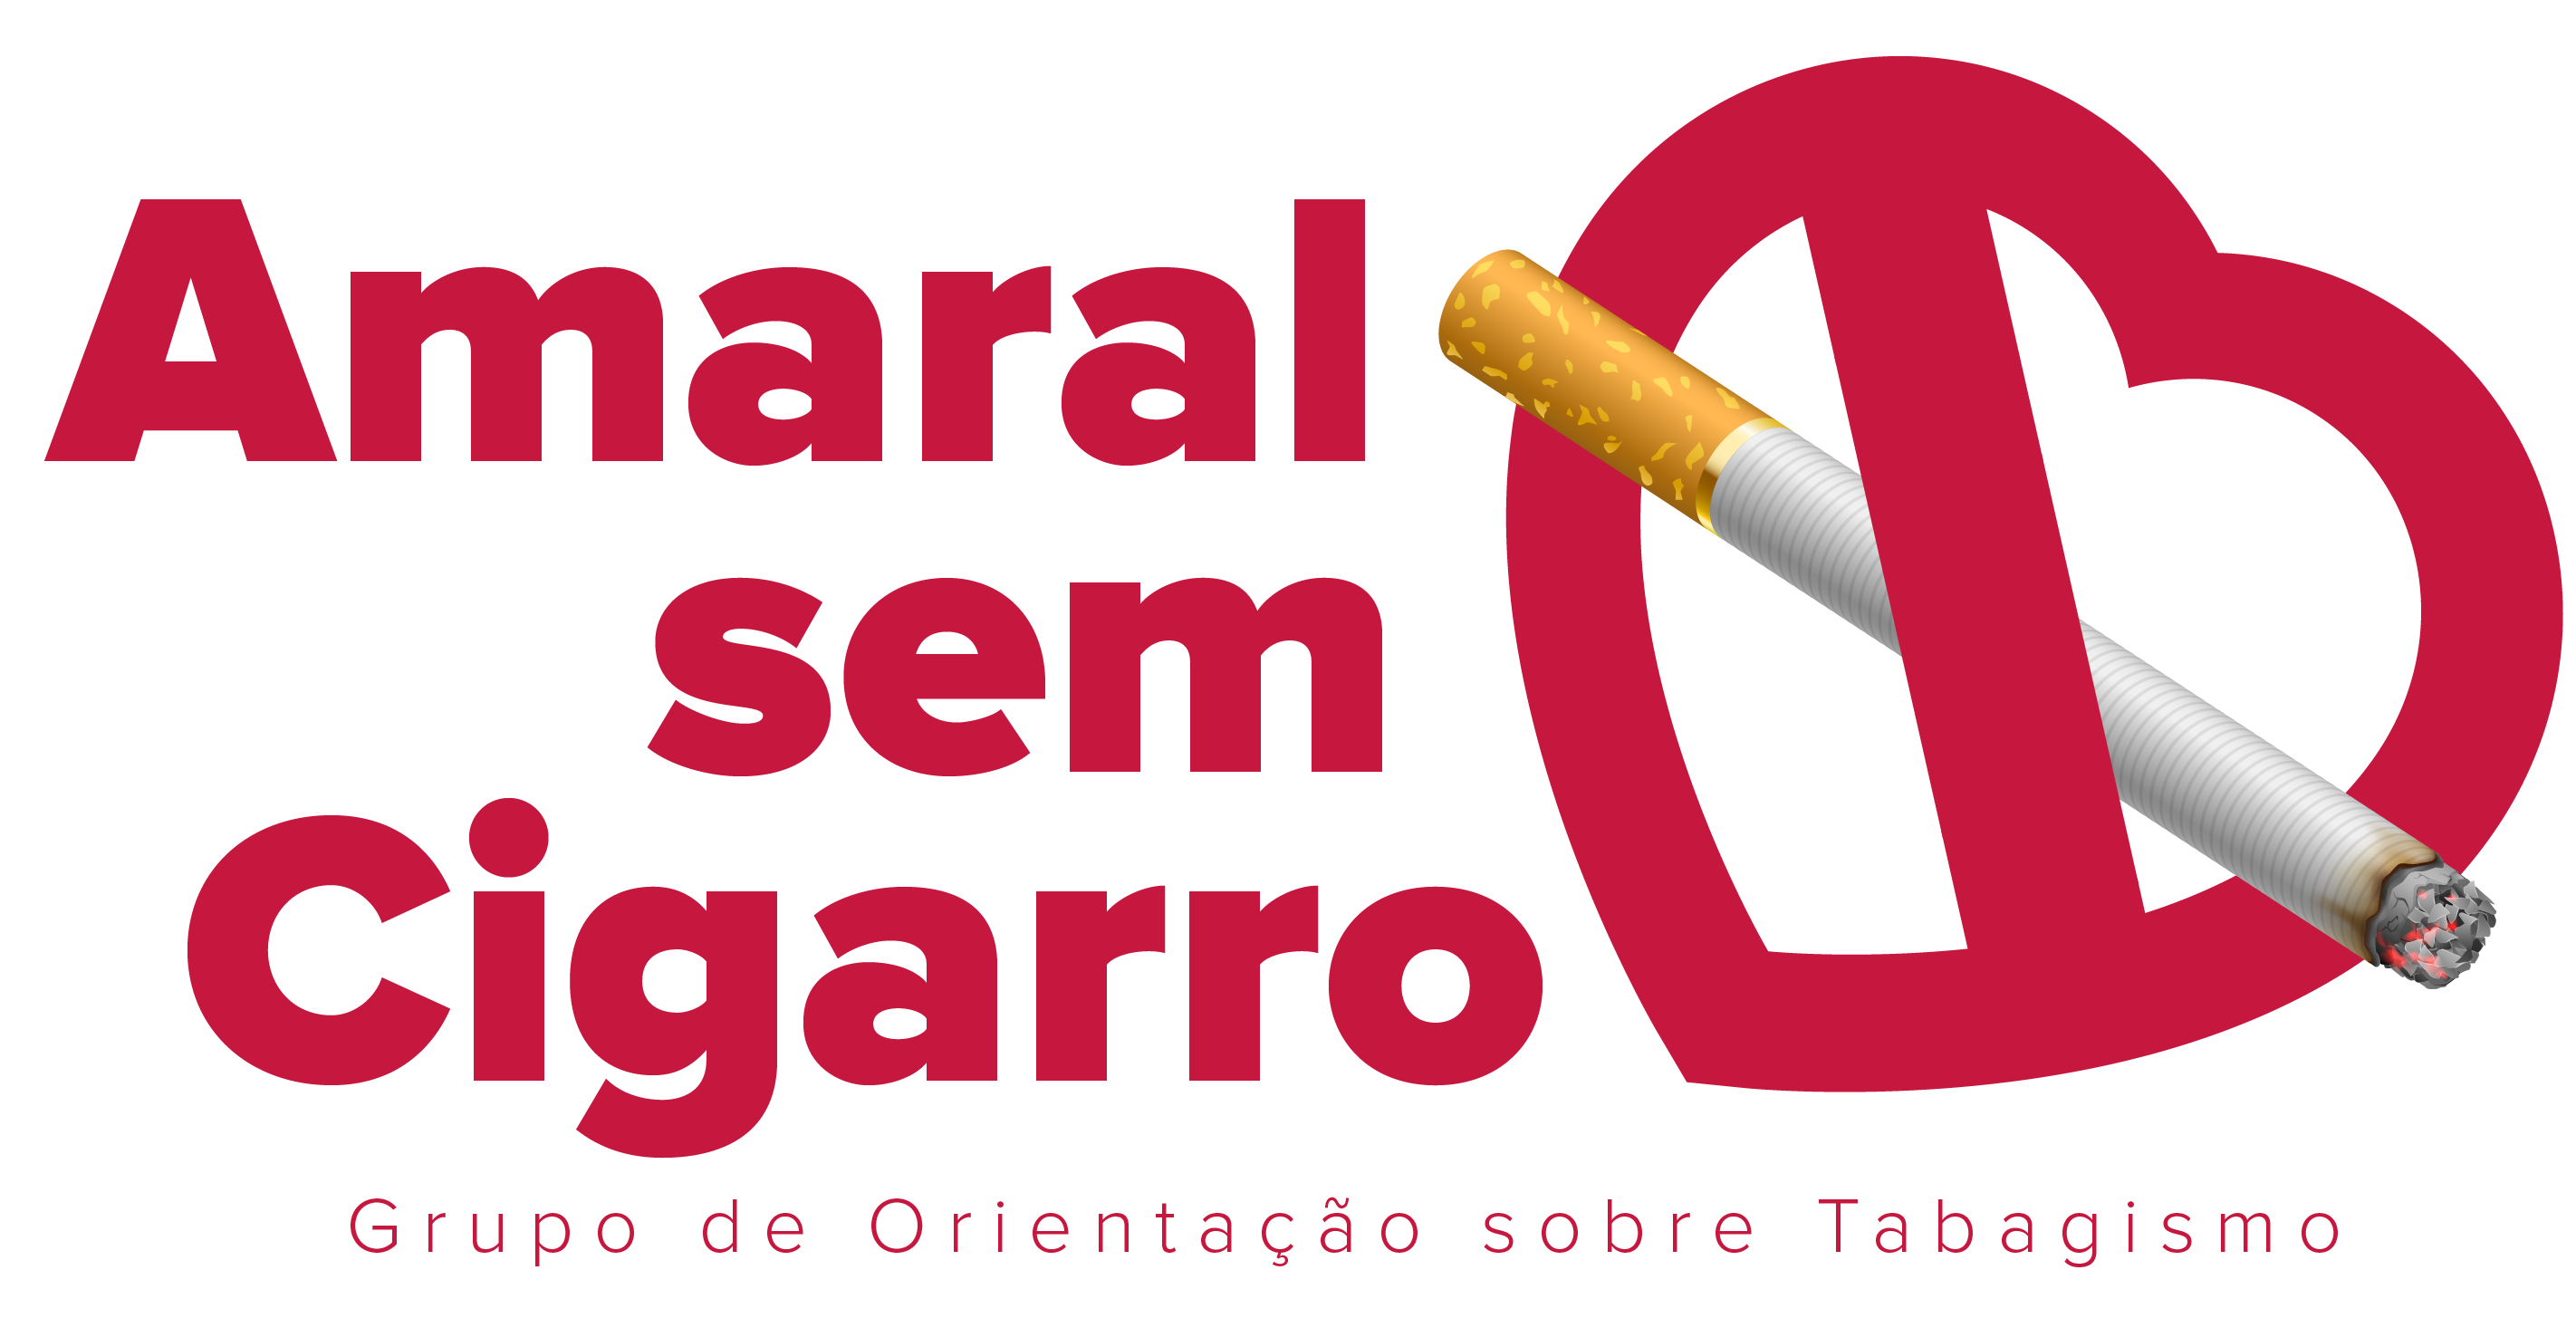 amaral-sem-cigarro-png